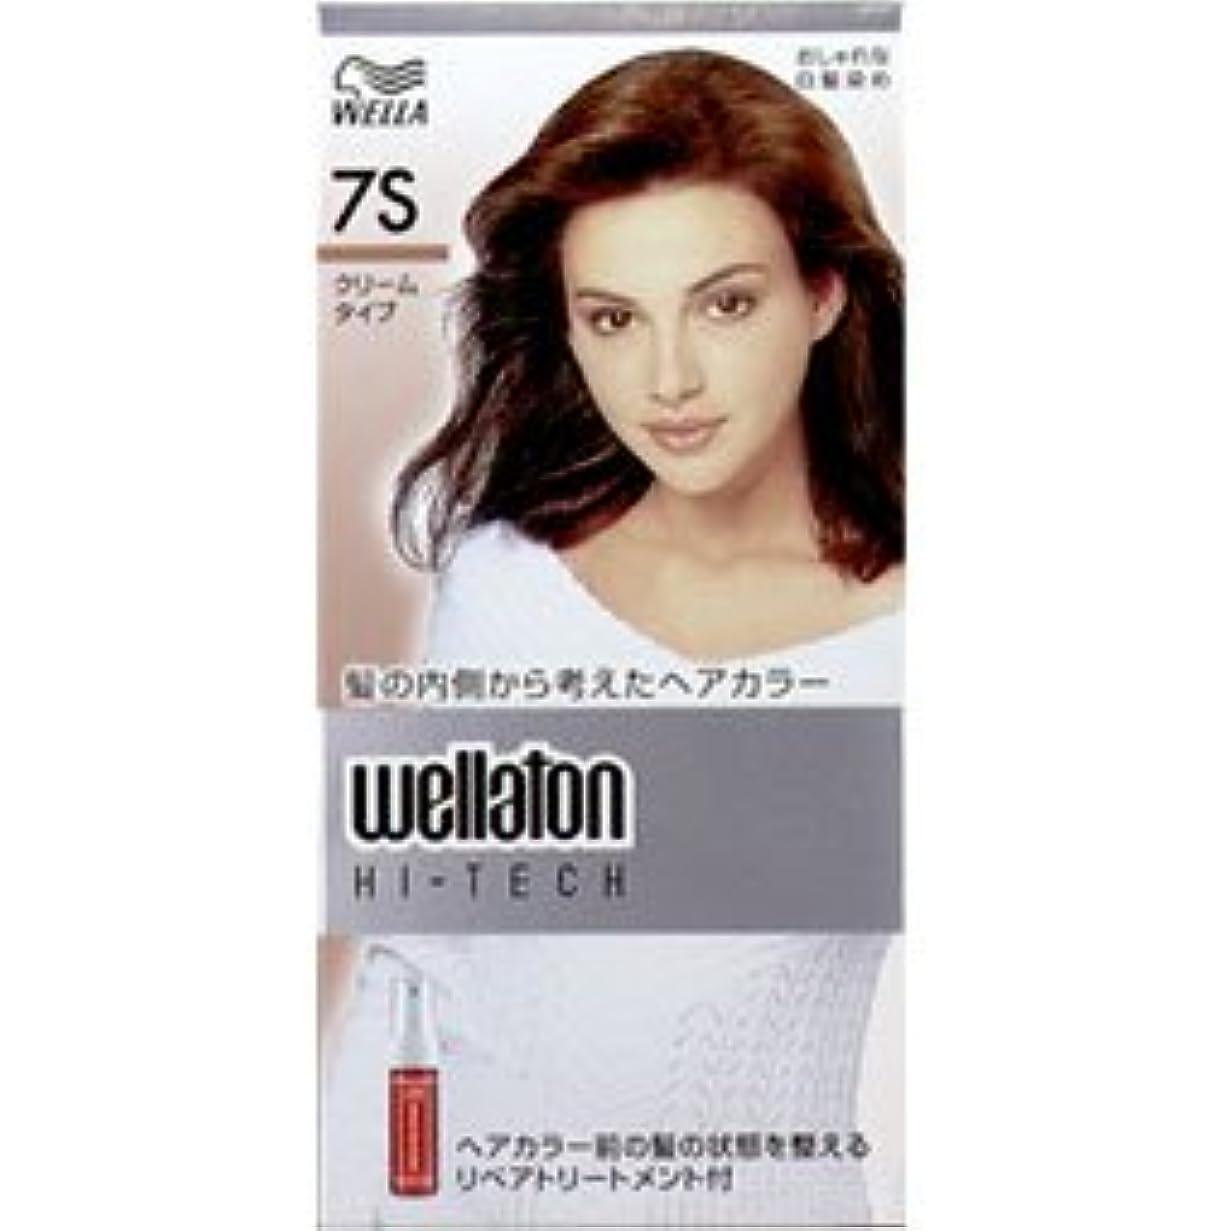 葡萄不合格フィヨルド【ヘアケア】P&G ウエラ ウエラトーン ハイテッククリーム 7S 透明感のある明るい栗色 (医薬部外品) 白髪染めヘアカラー(女性用)×24点セット (4902565140602)